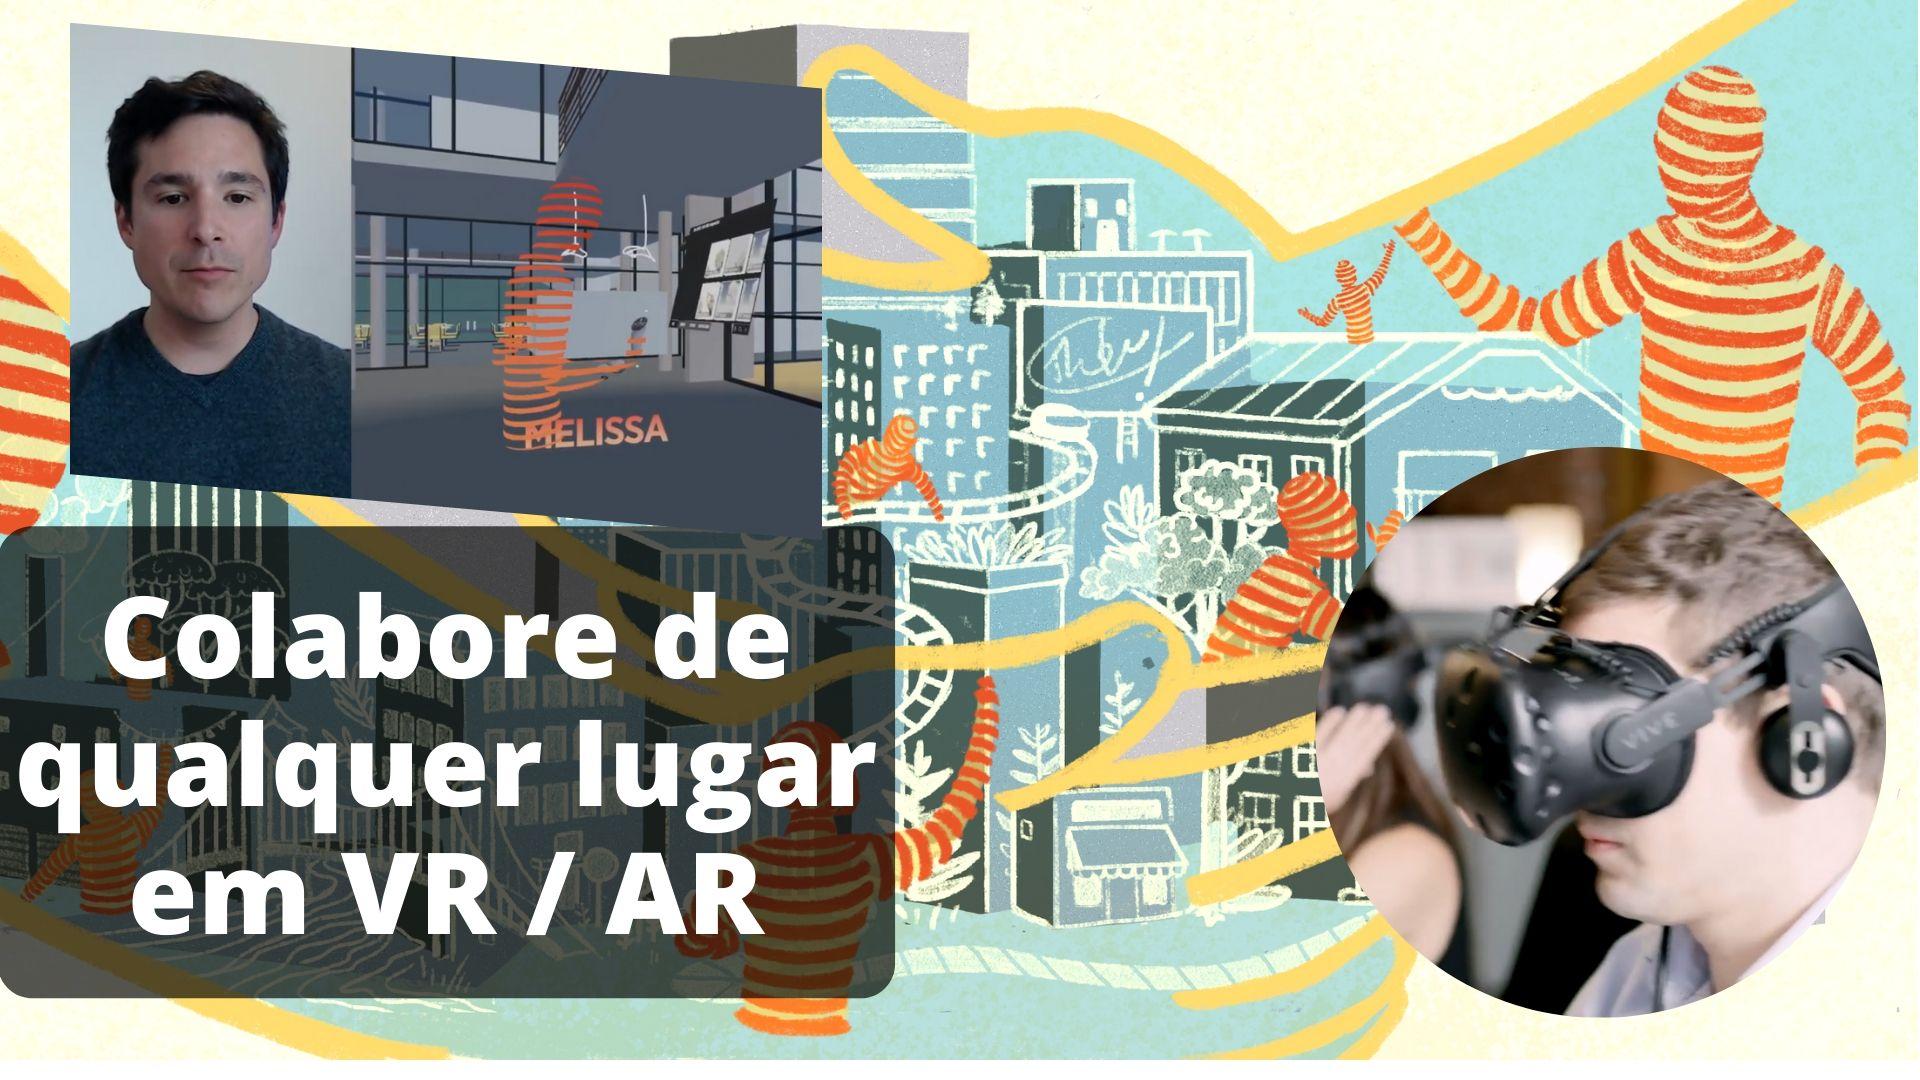 Colaboração remota para arquitetos e designers usando VR/AR